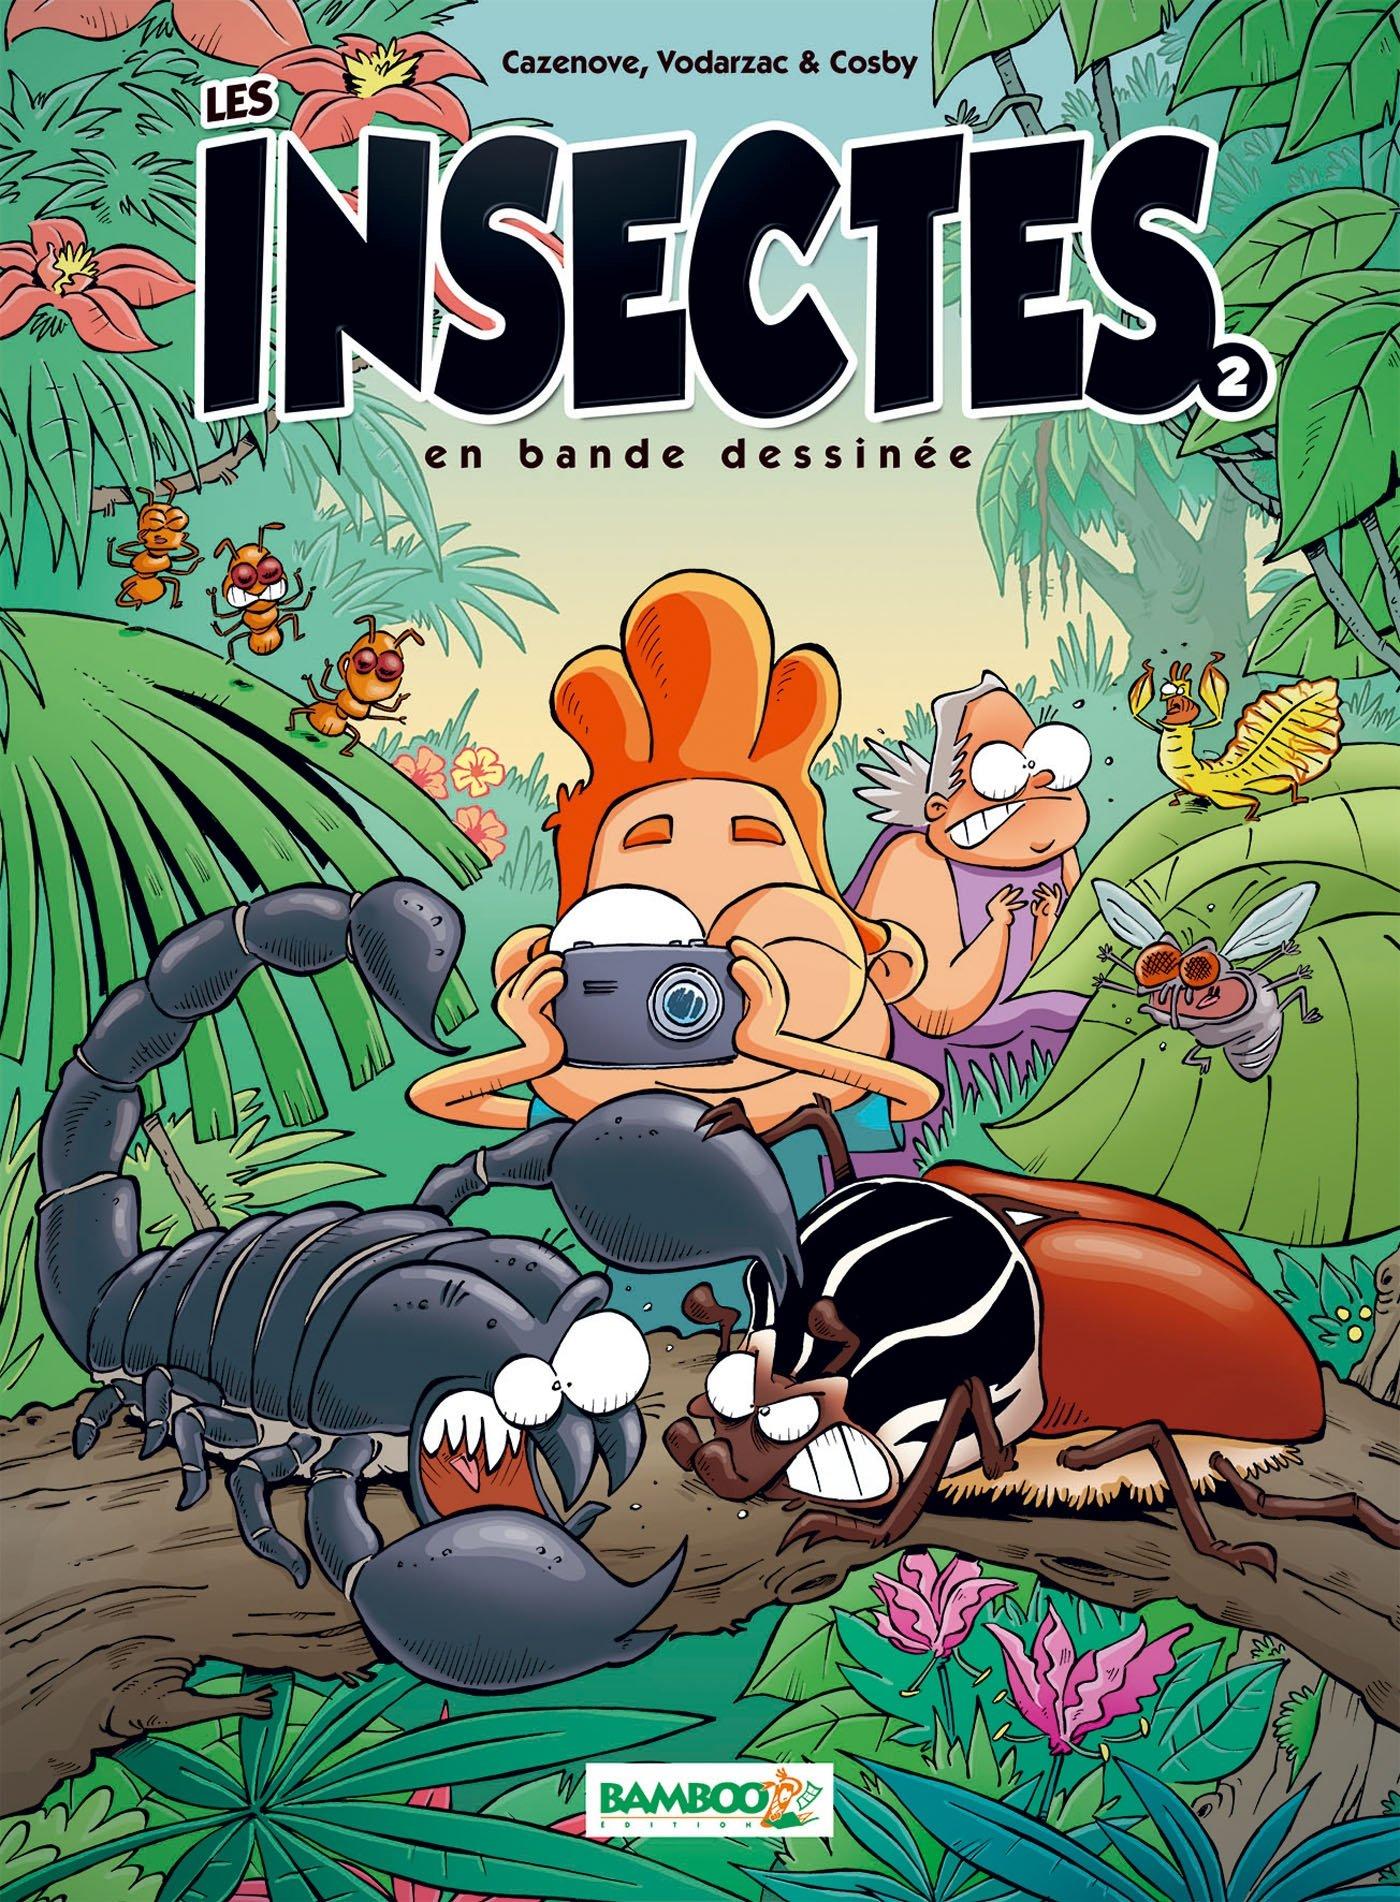 Les insectes en BD - tome 2 Album – 12 juin 2013 Cosby François Vodarzac Christophe Cazenove Bamboo